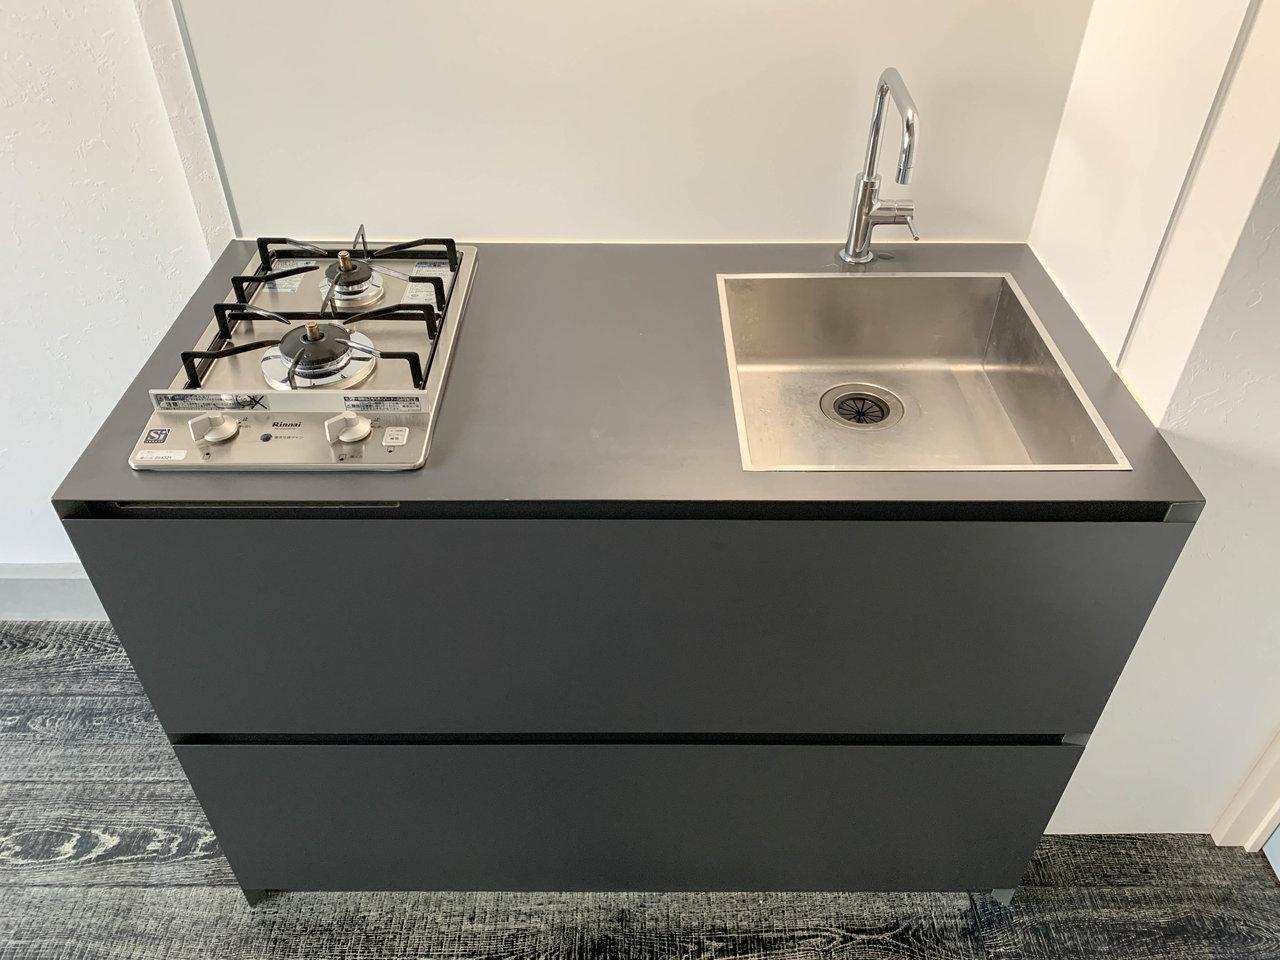 キッチンはコンパクトですがコンロが2口あるなど、自炊派にはうれしい設備。黒とグレーの間のような色で部屋全体をキリっと引き締めてくれています。引き出しの広さも十分で収納力もありますよ。